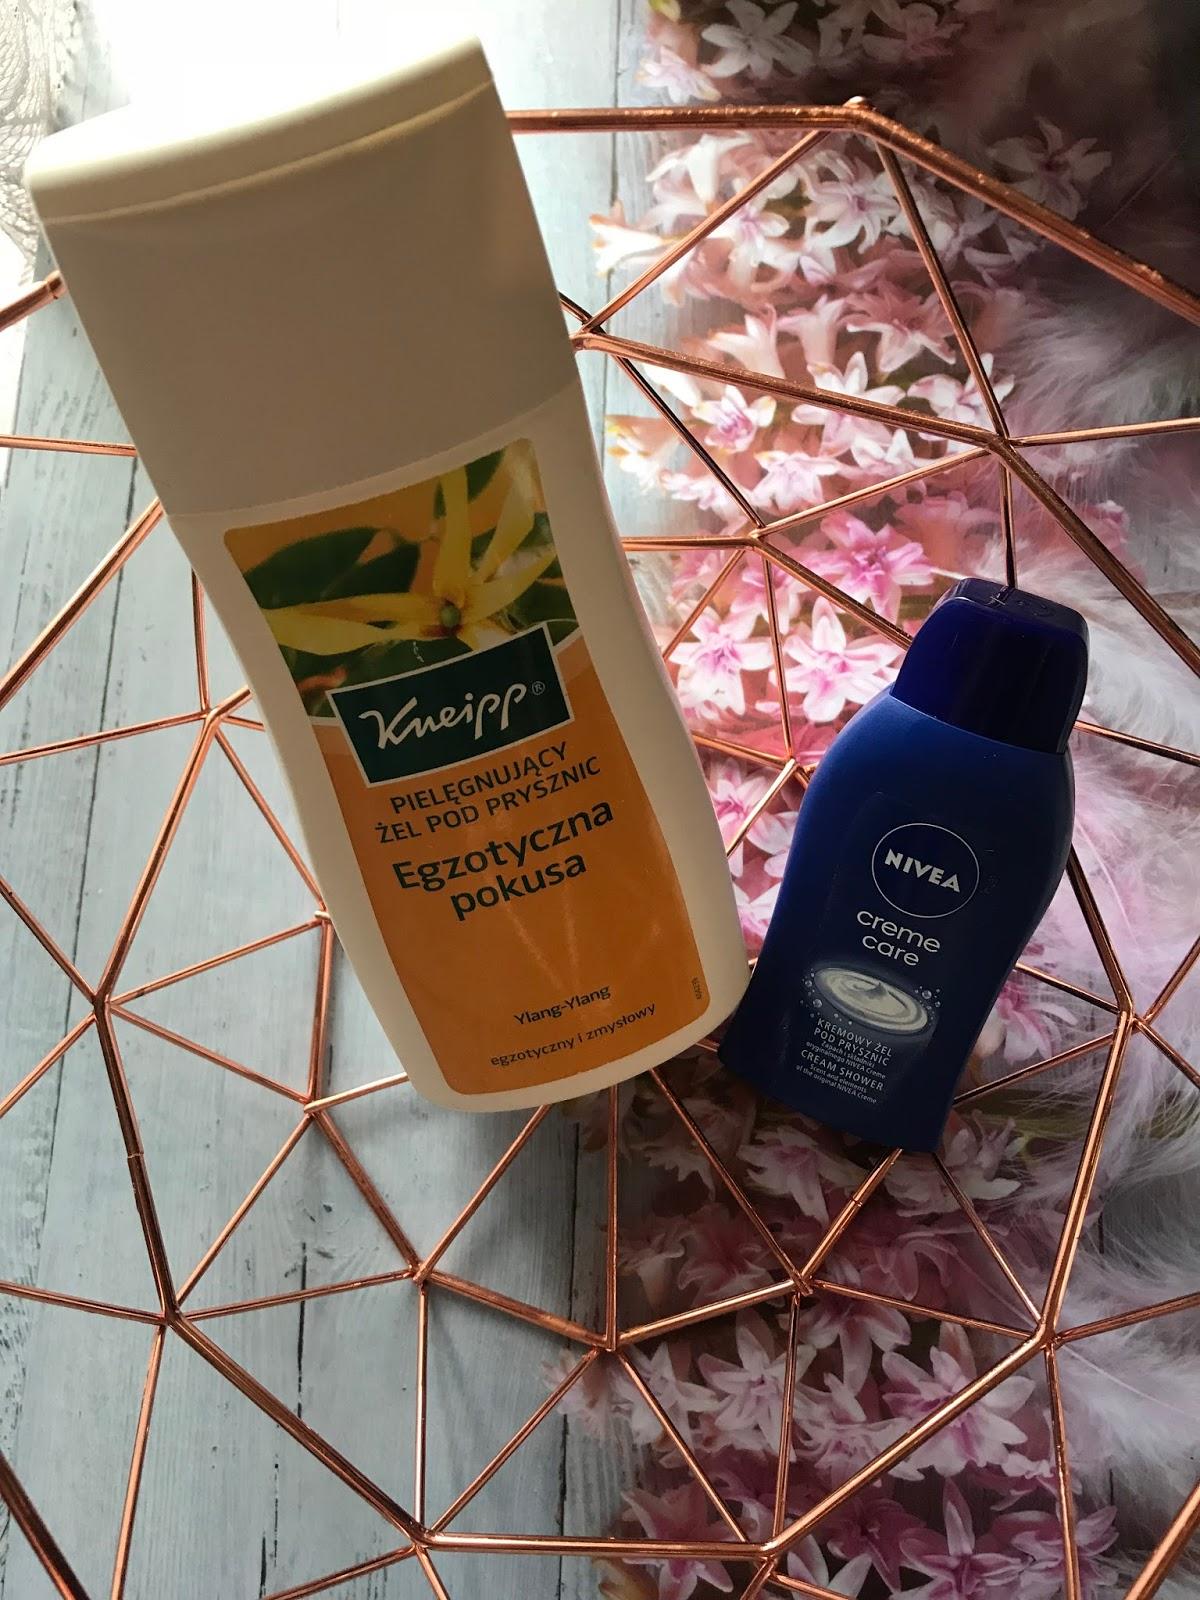 Pielęgnujący żel pod prysznic egzotyczna pokusa, marki Kneipp o zapachu Ylang- Ylang